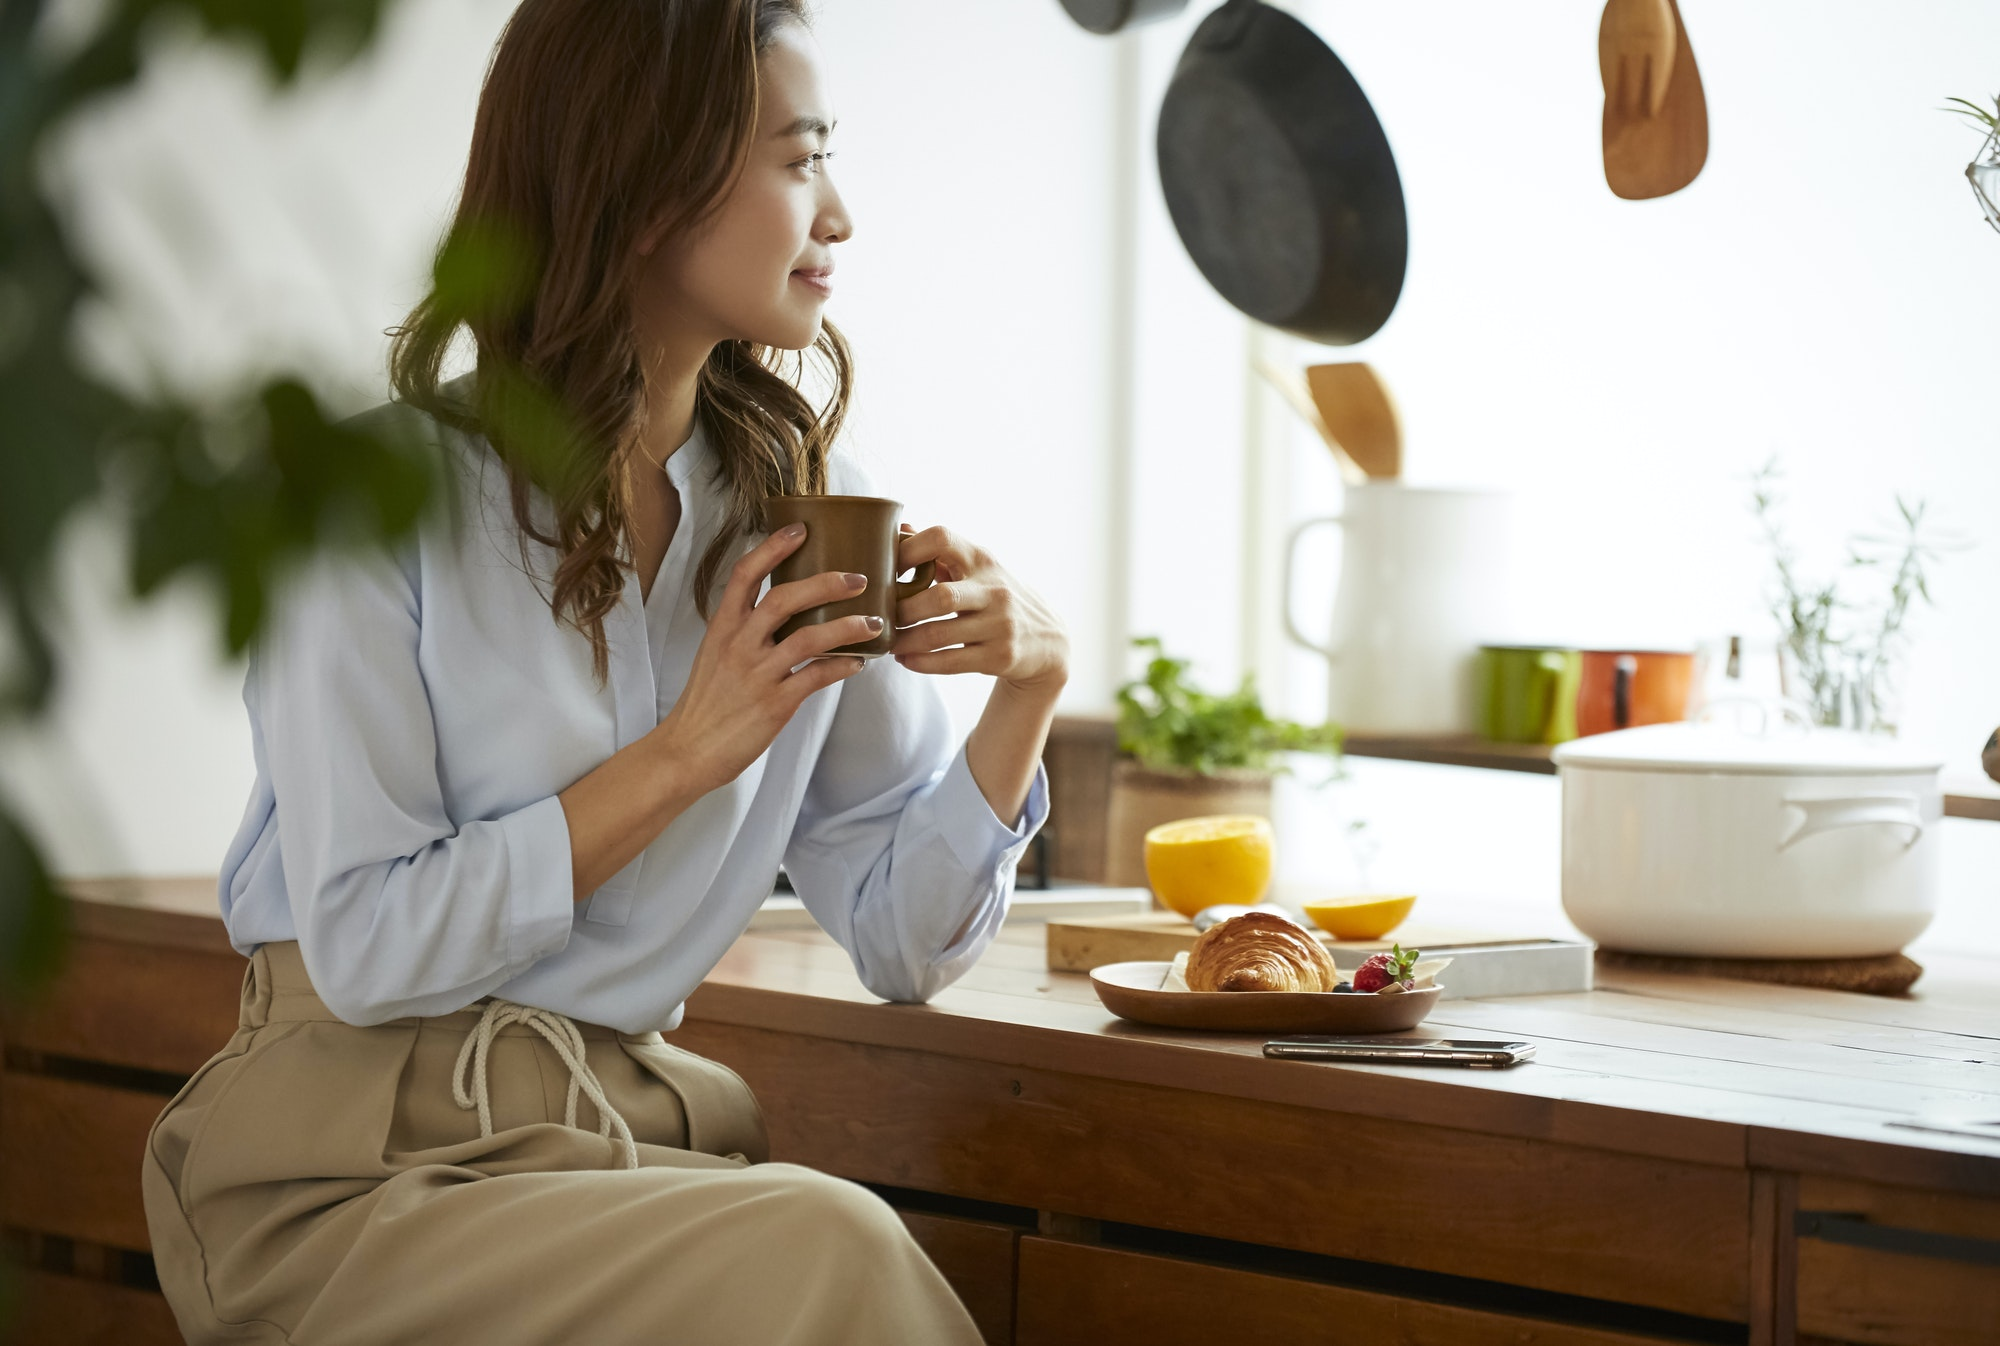 GLP-1ダイエットの効果とメリット。食欲抑制の作用や注意点